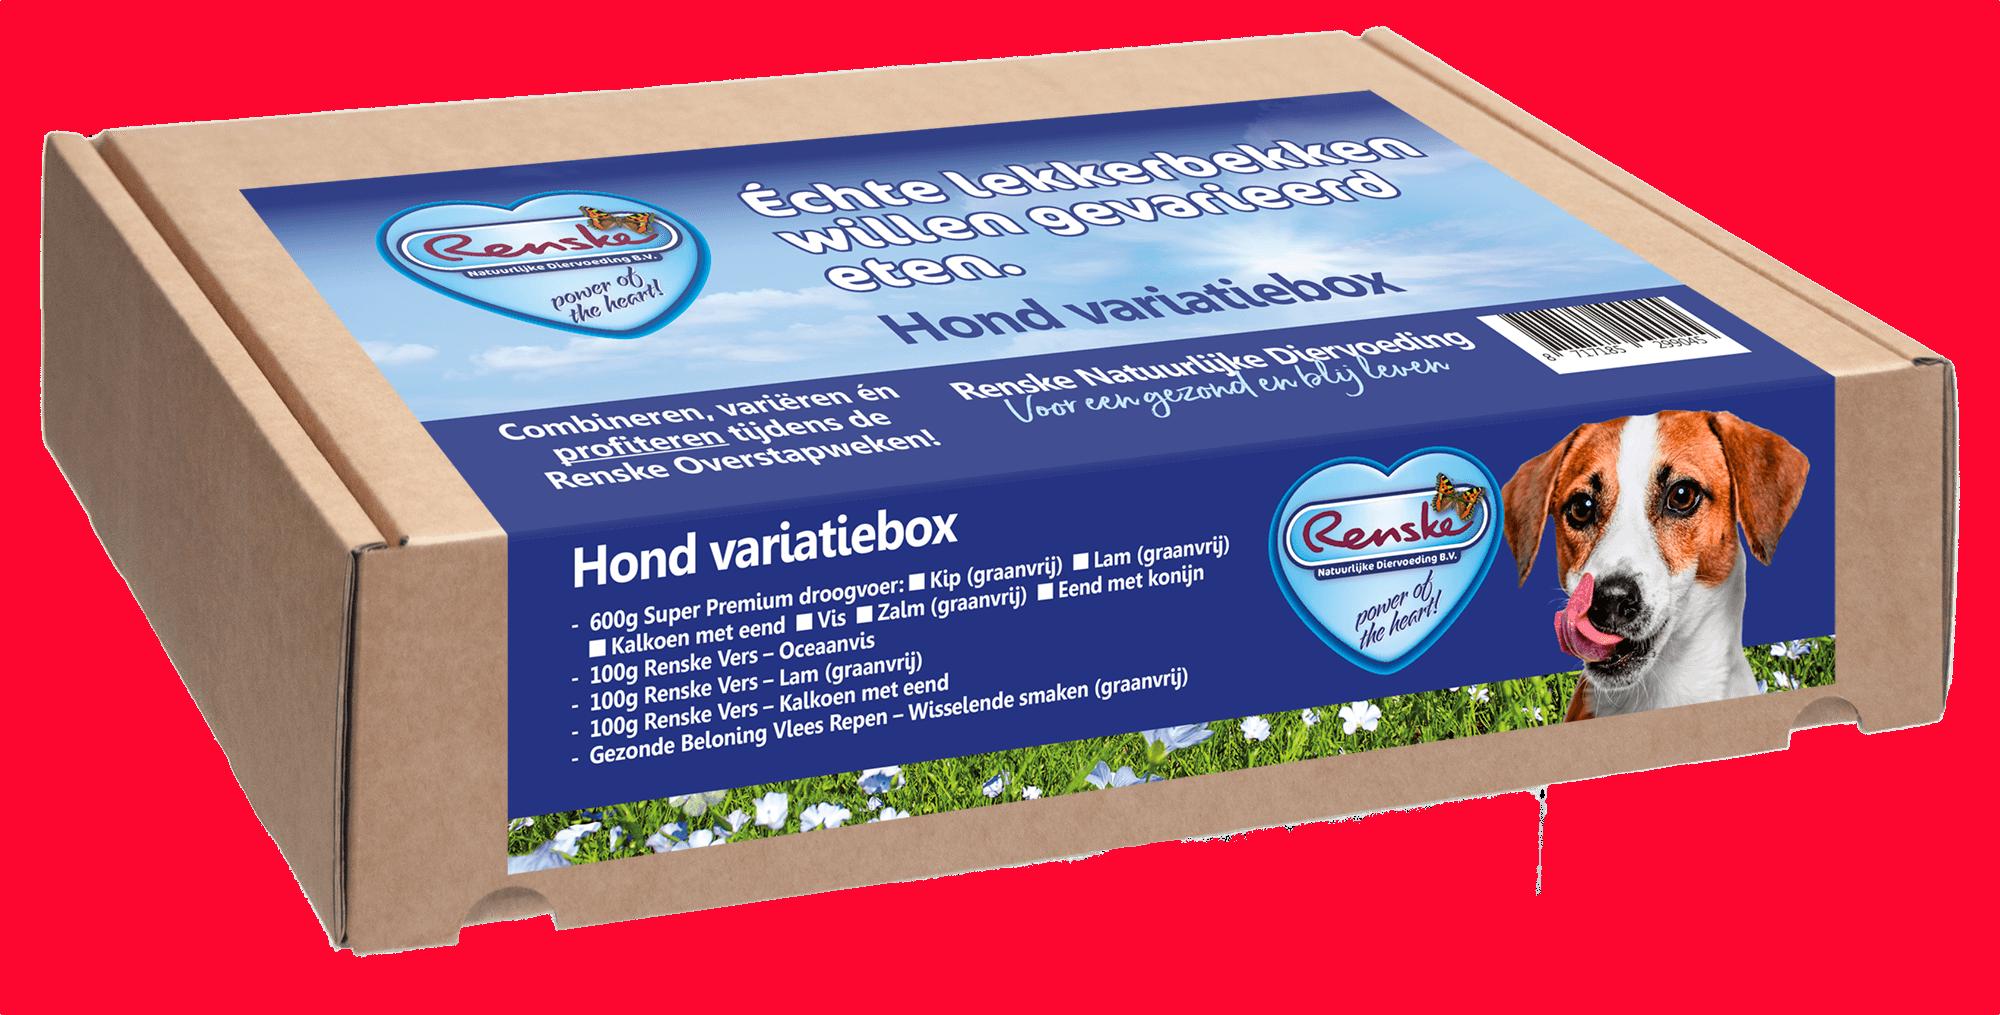 variatiebox-hond-8717185299045